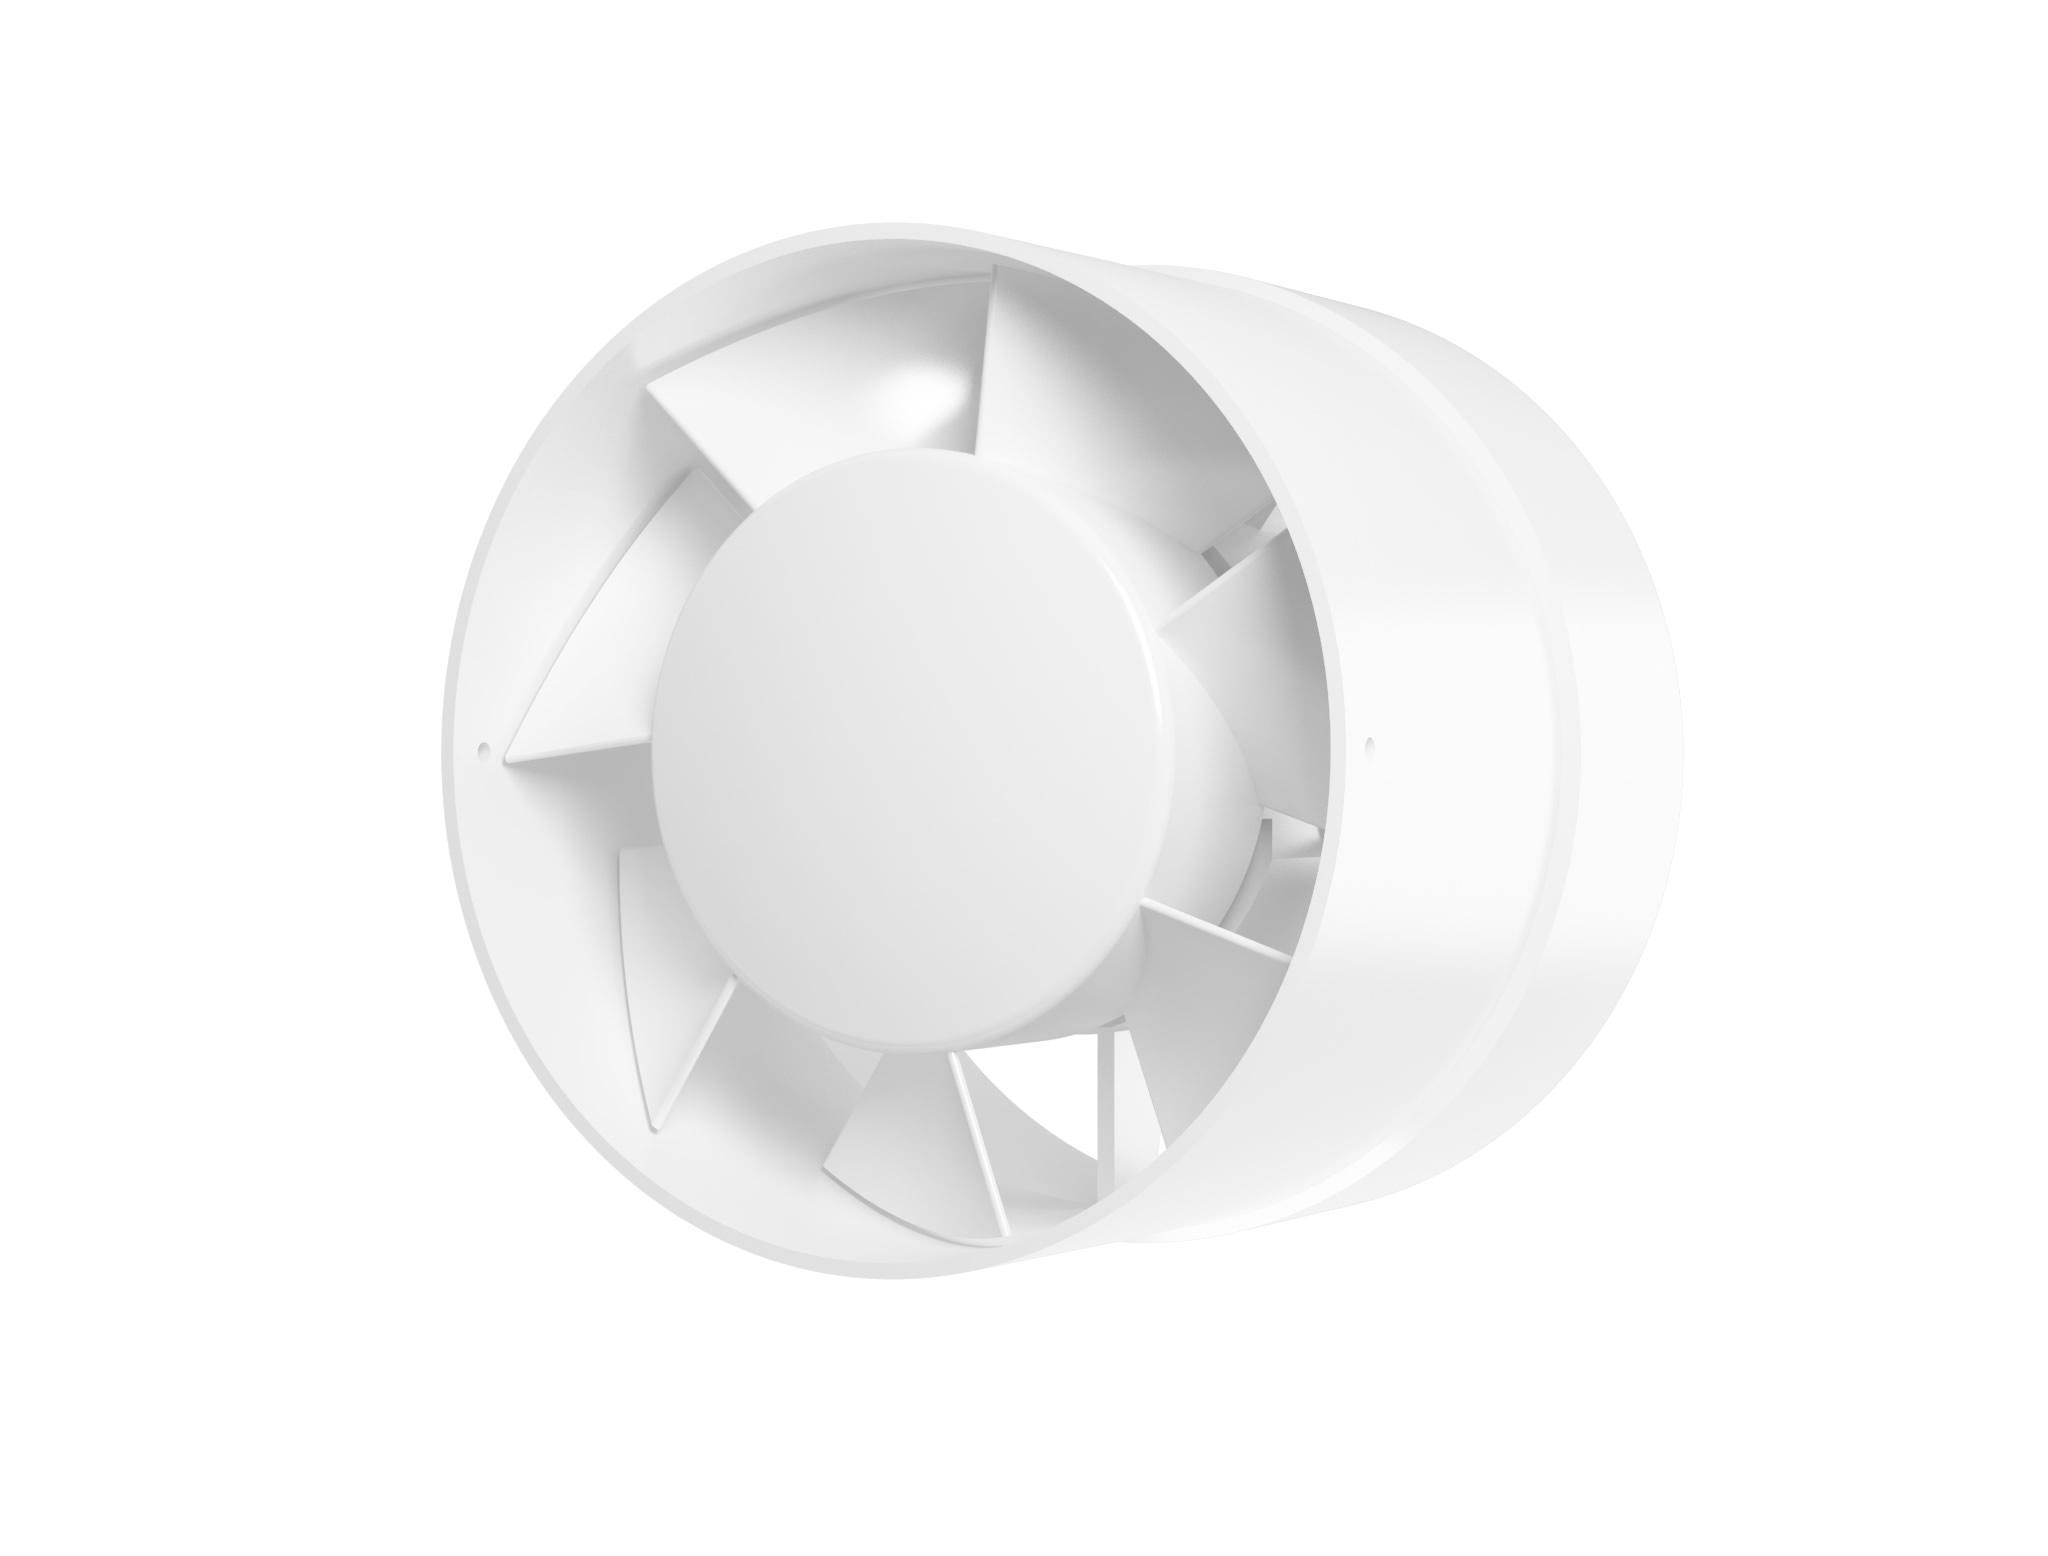 Вентилятор осевой канальный вытяжной Auramax Vp 5 вентилятор осевой канальный вытяжной auramax d 160 vp 6